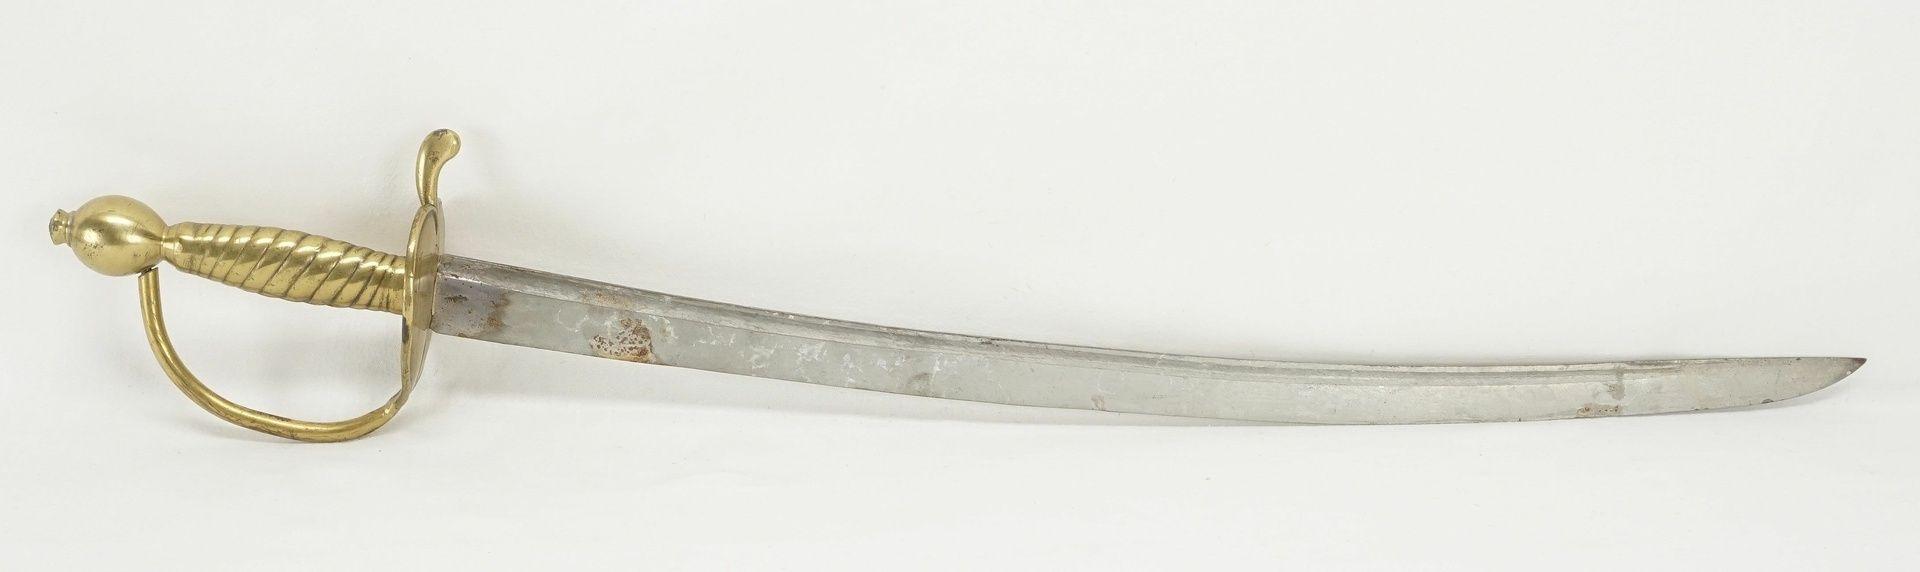 Löwenkopfsäbel um 1870 und Infanterie Säbel um 1800 - Bild 8 aus 8